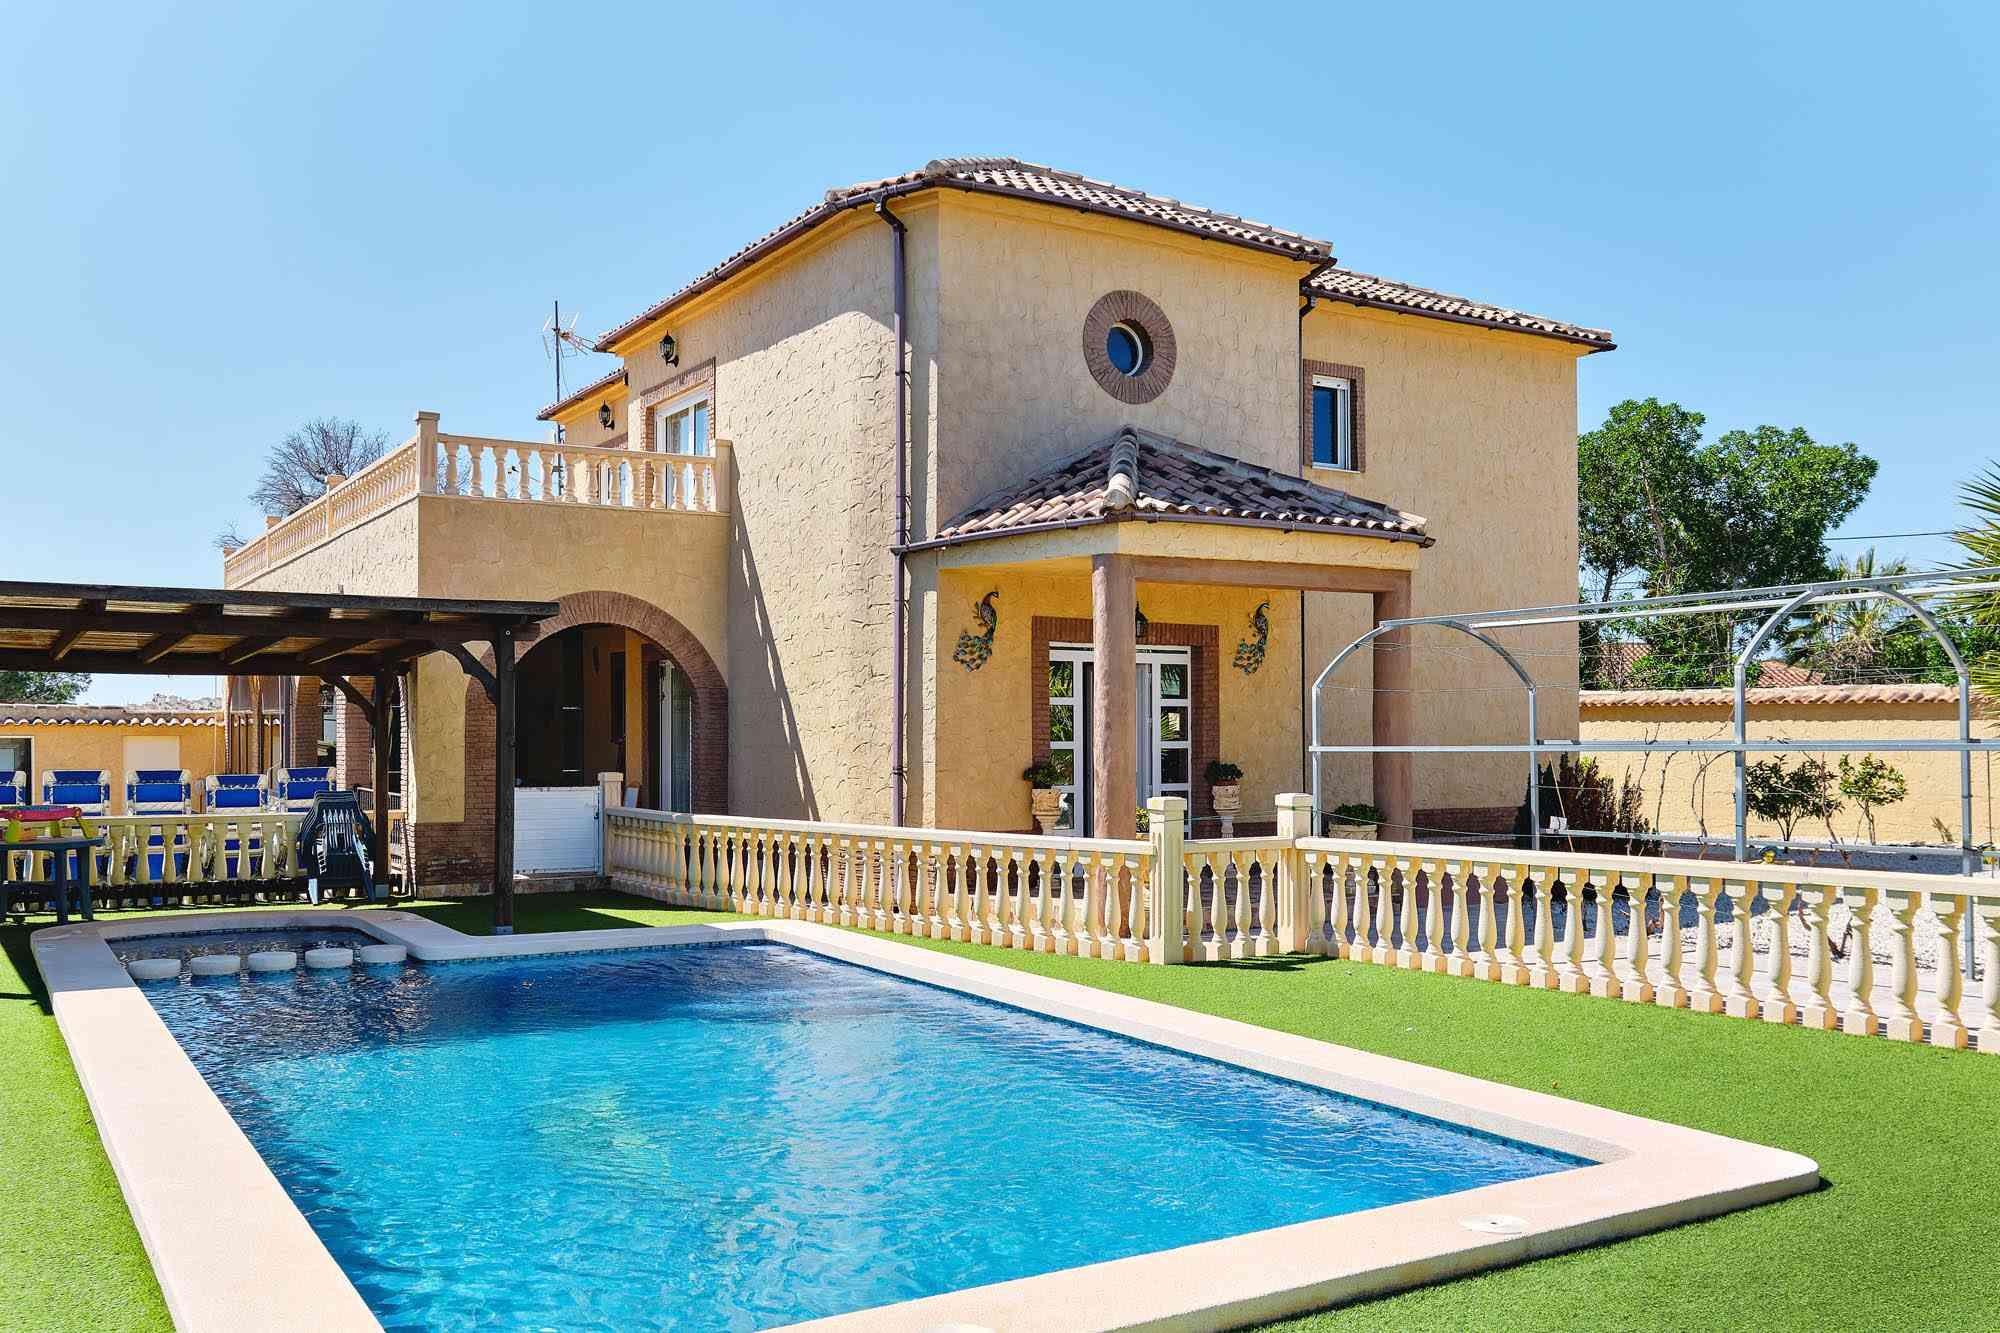 6 bedroom house / villa for sale in Pinar De Campoverde, Costa Blanca